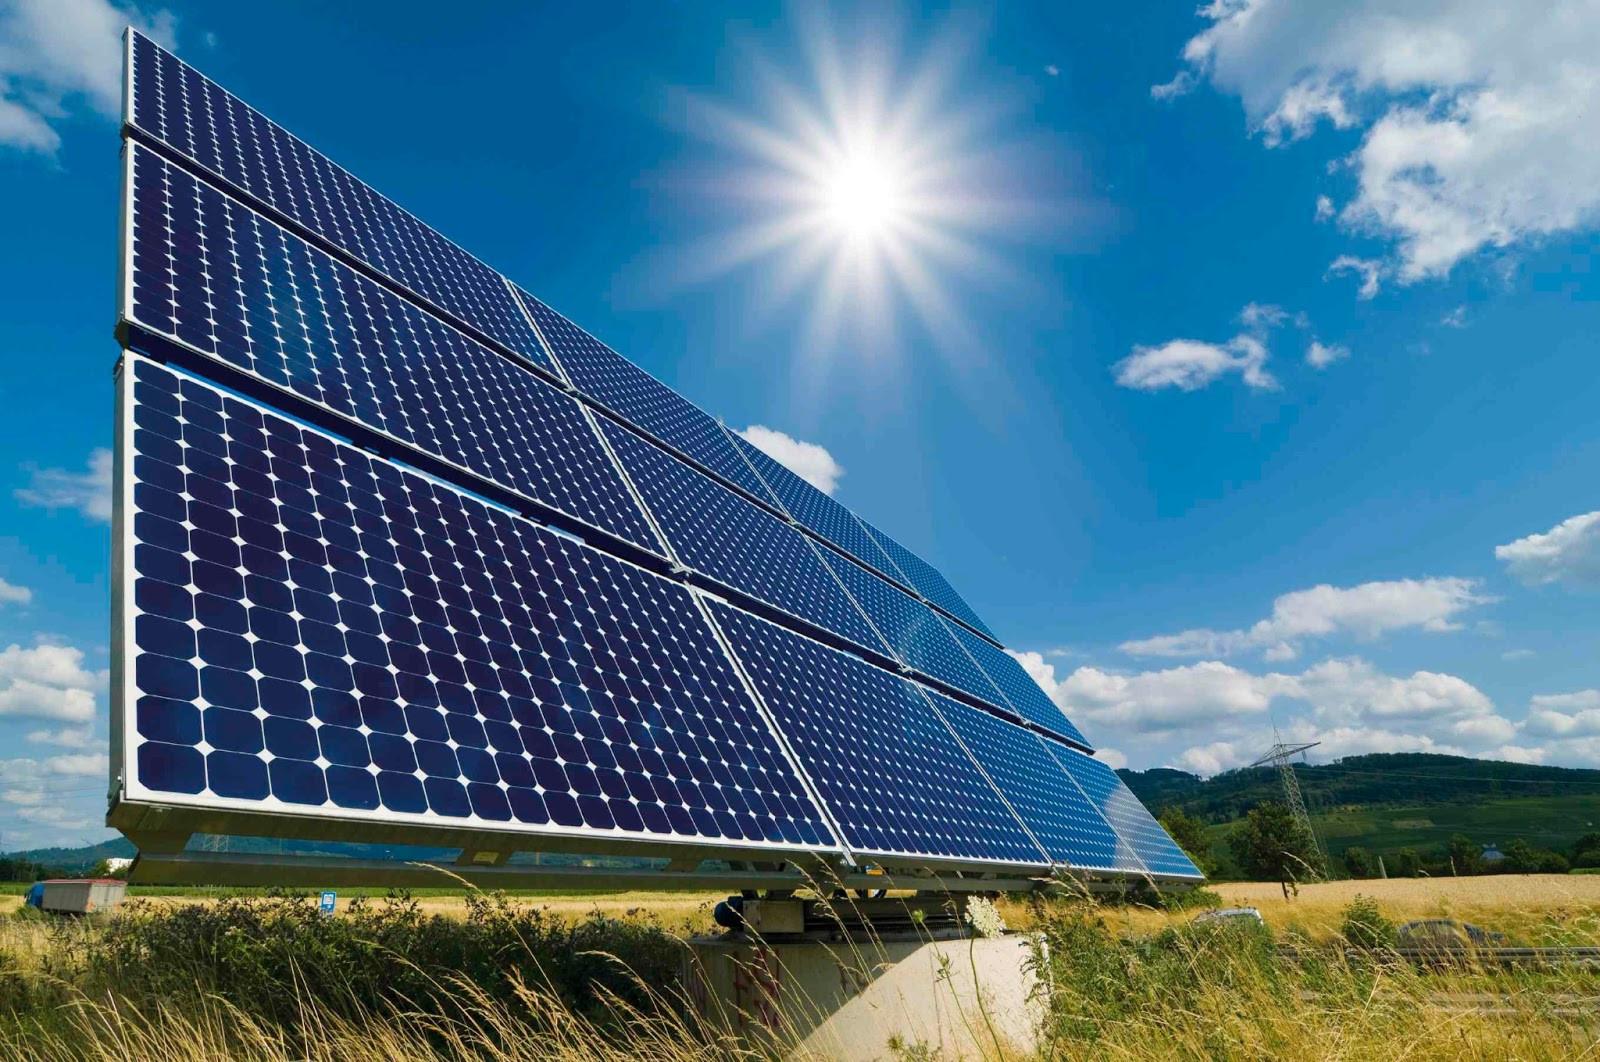 ВЧернобыле началось строительство солнечной станции повыробатыванию электричества